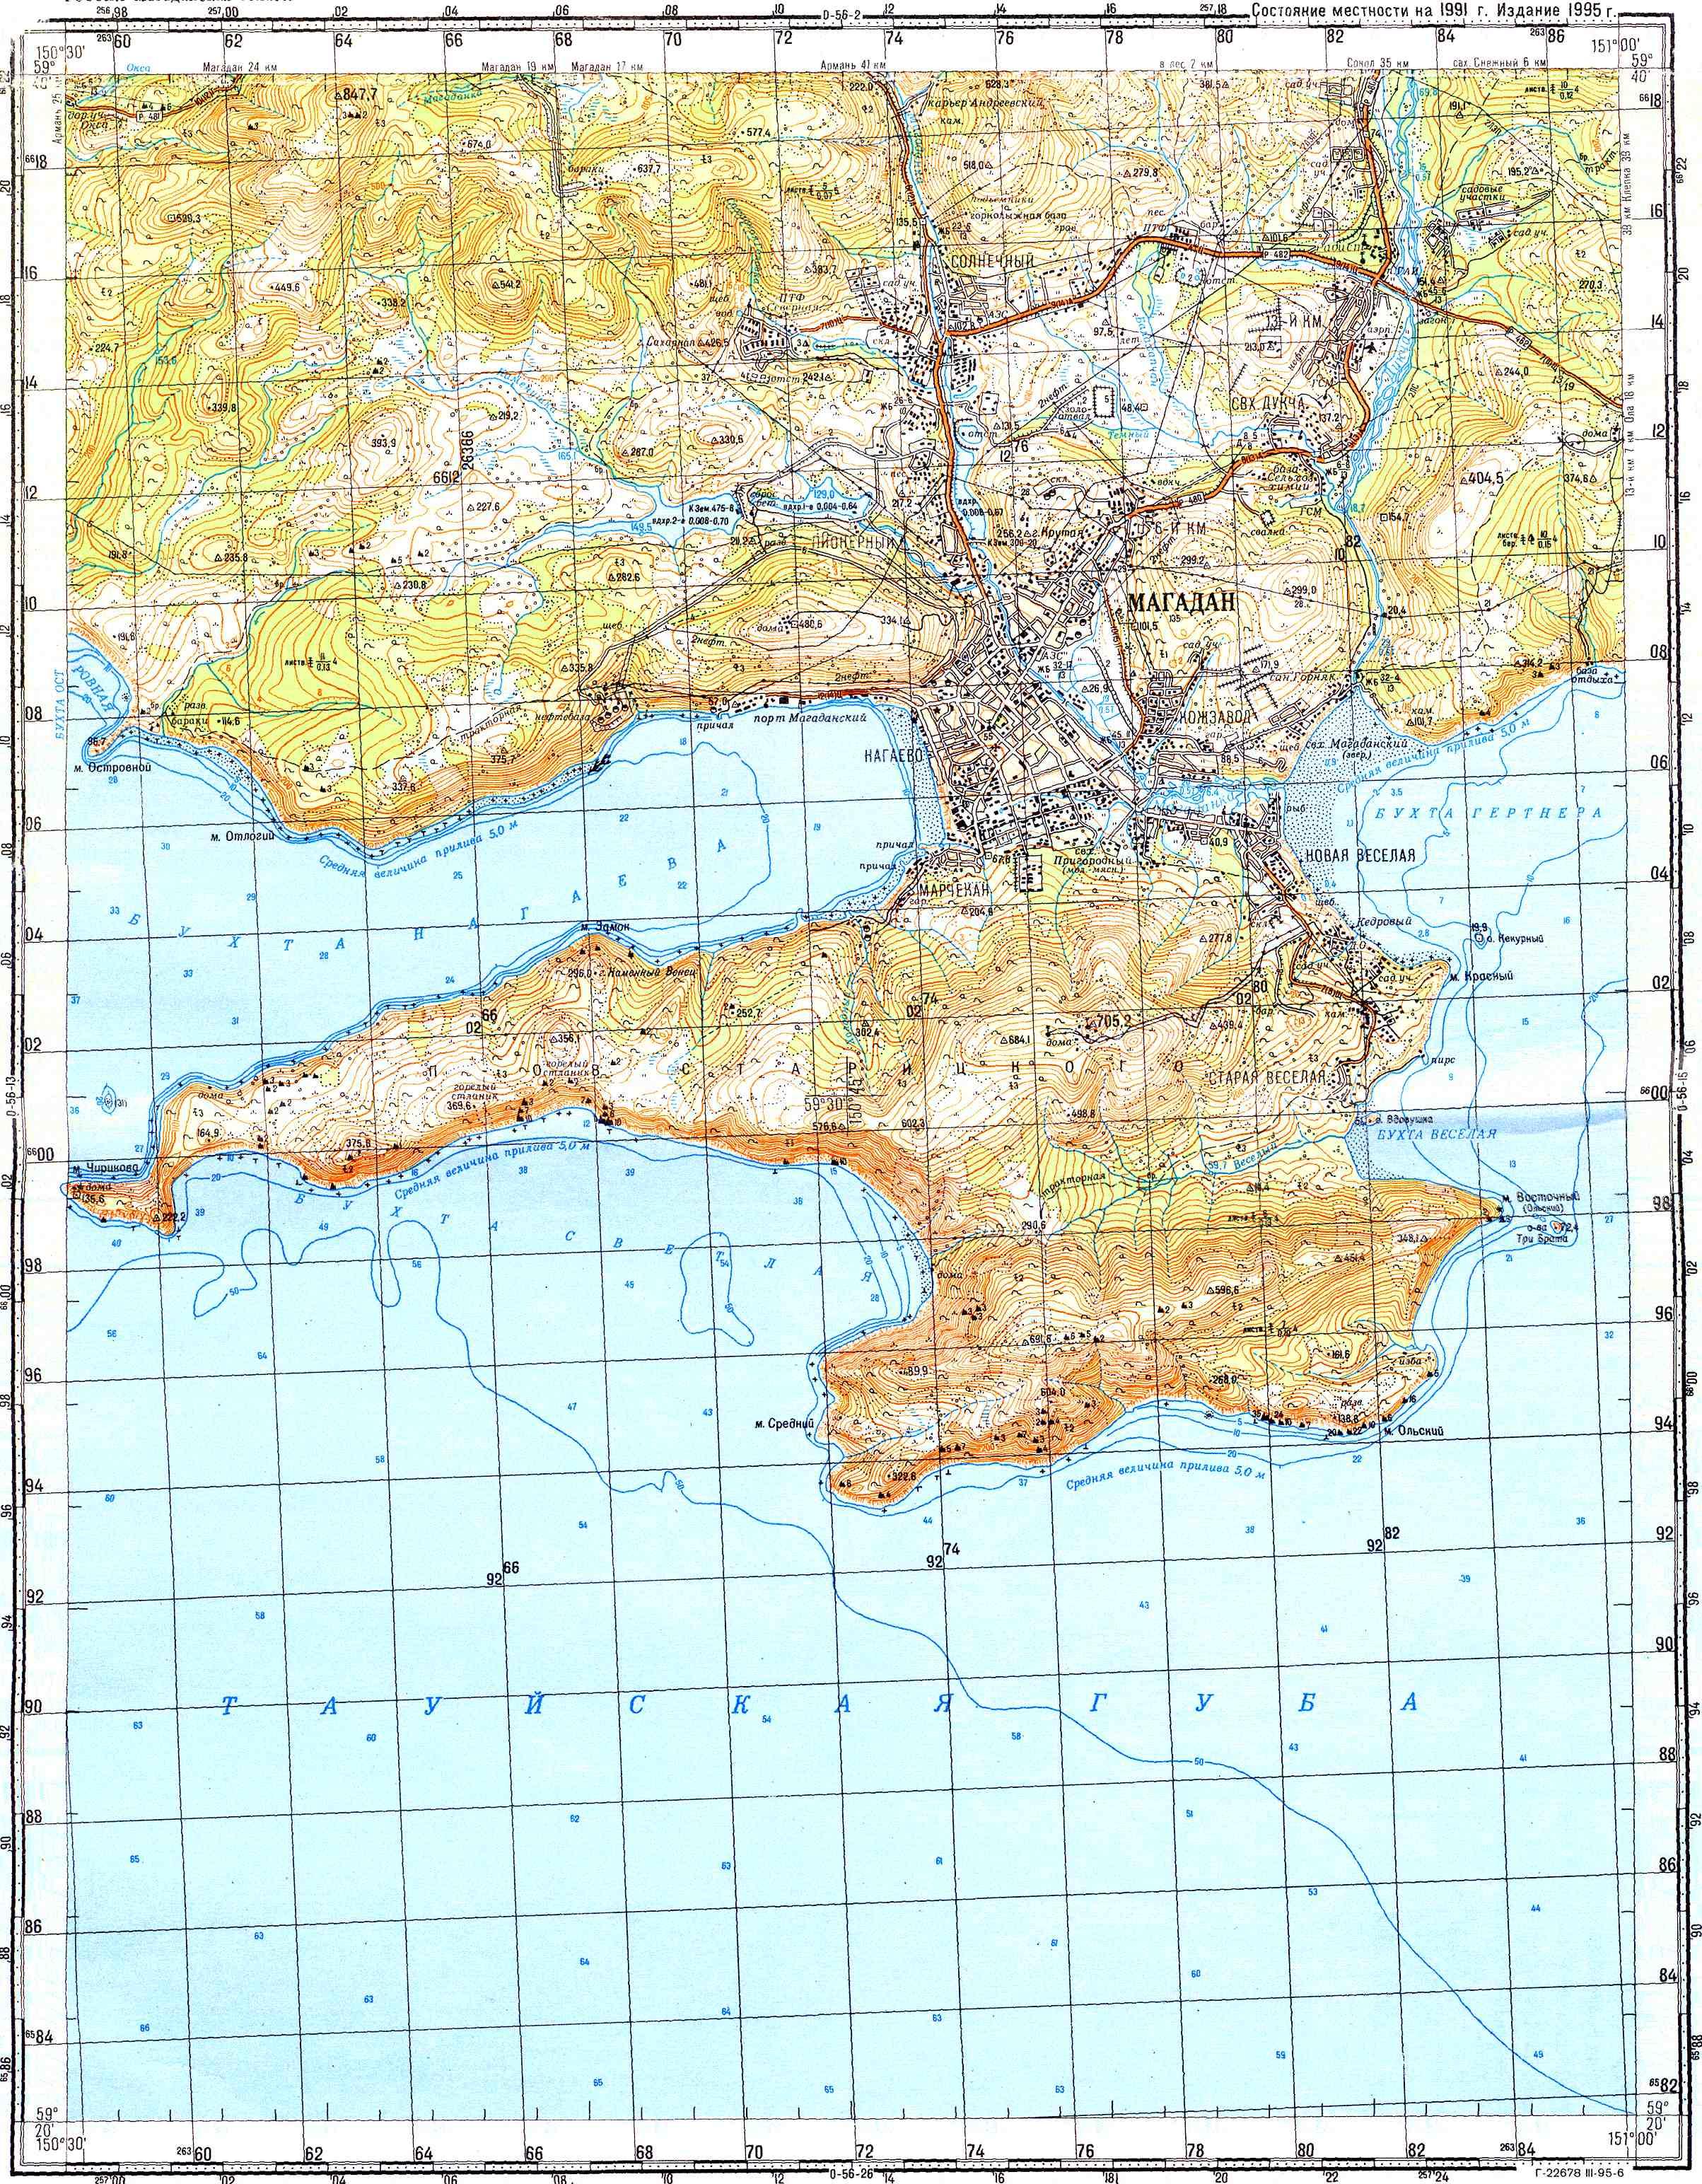 п-ов старецкого карта 10 км магаданская область